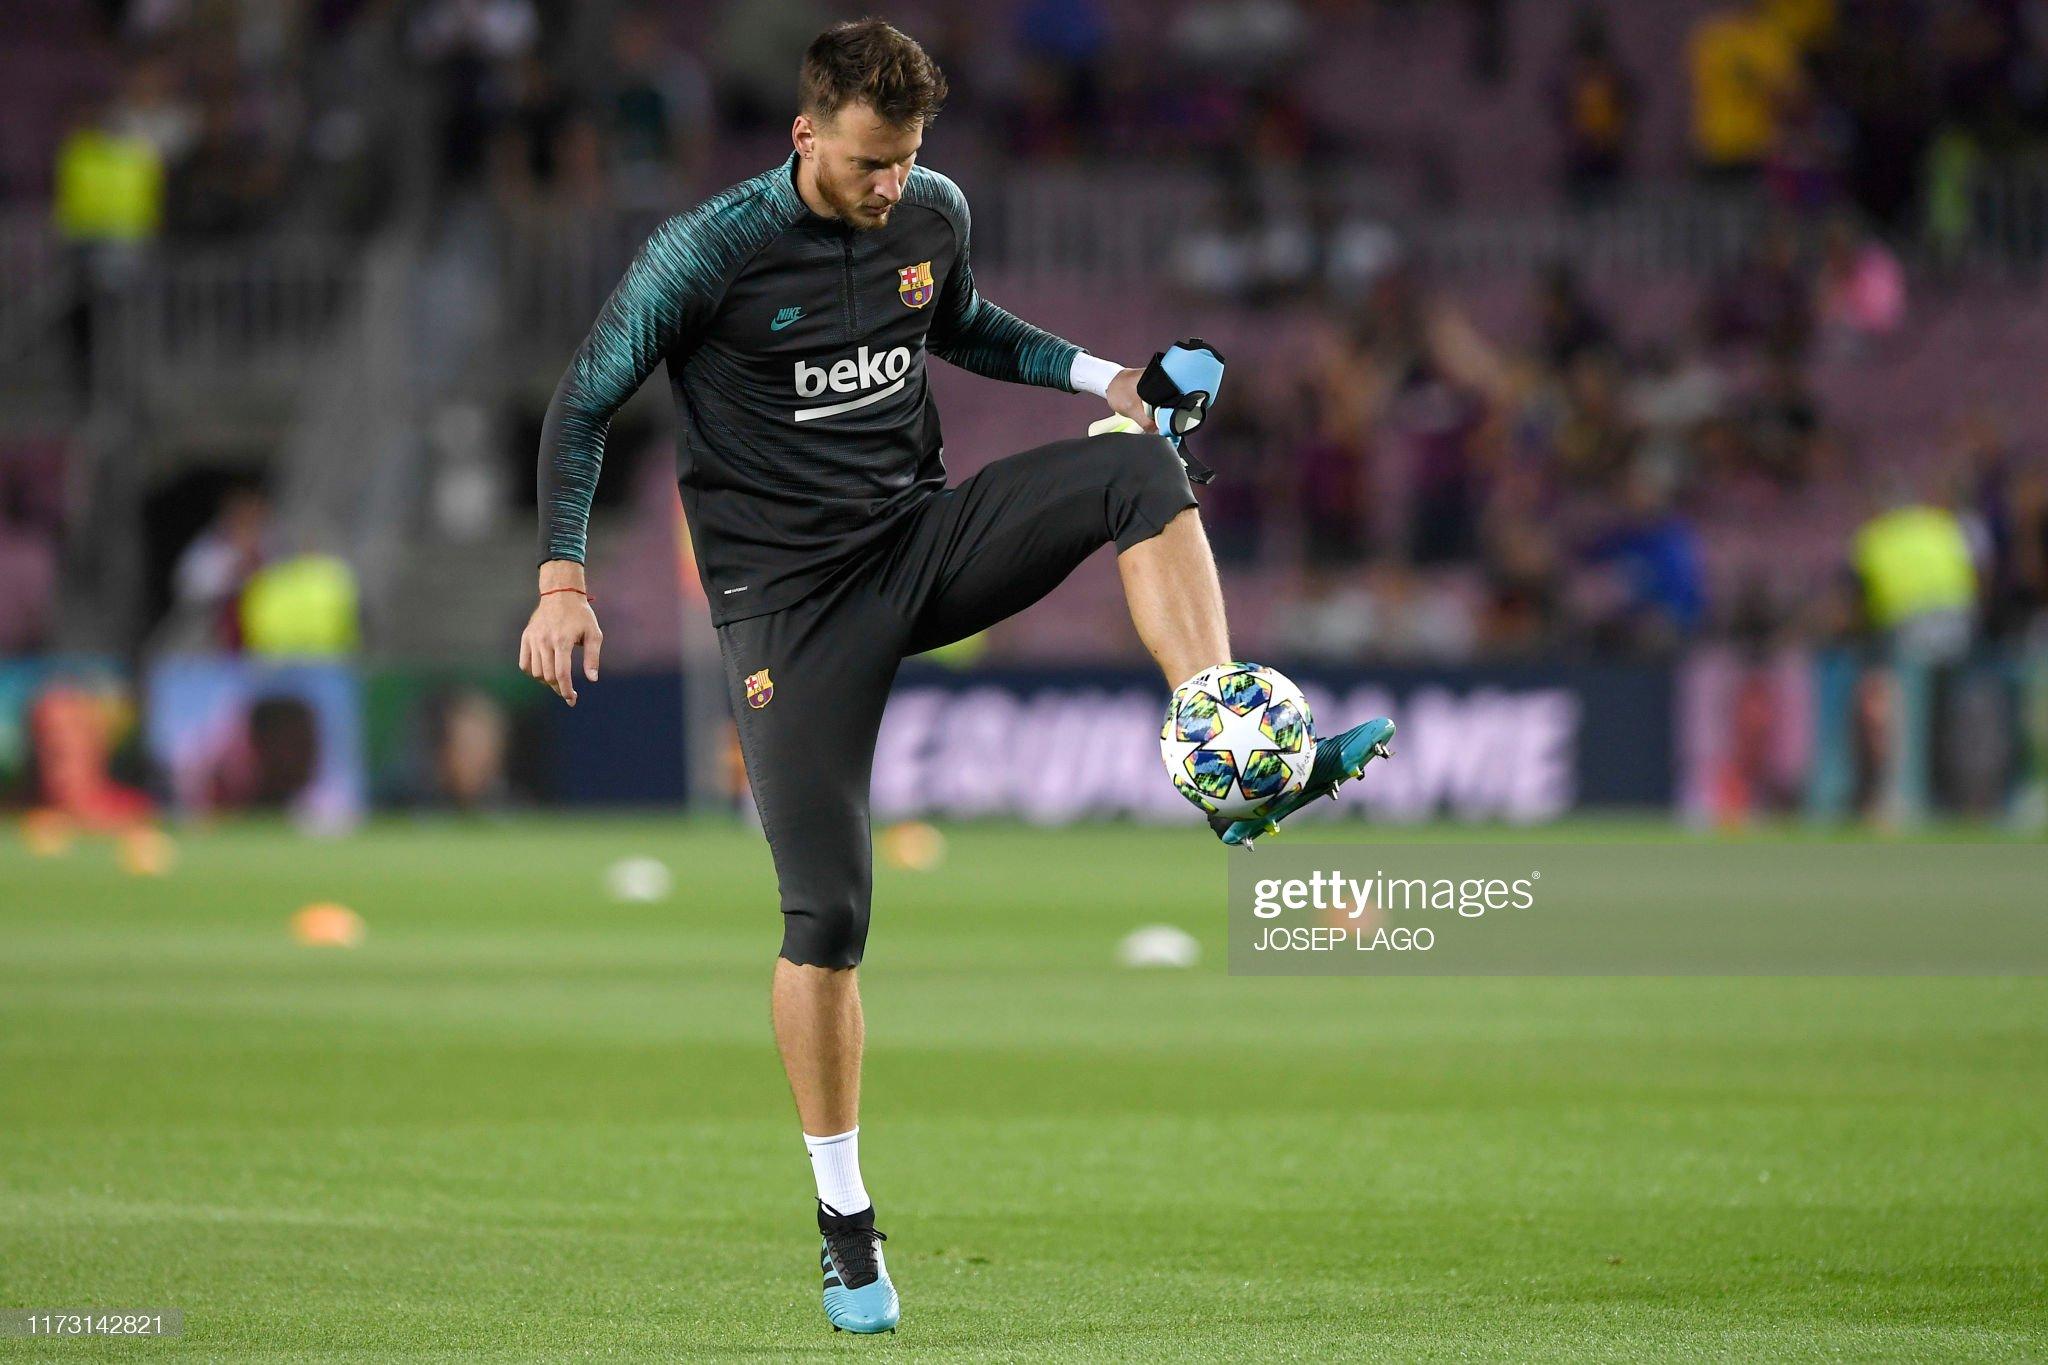 صور مباراة : برشلونة - إنتر 2-1 ( 02-10-2019 )  Barcelonas-brazilian-goalkeeper-neto-warms-up-before-the-uefa-league-picture-id1173142821?s=2048x2048